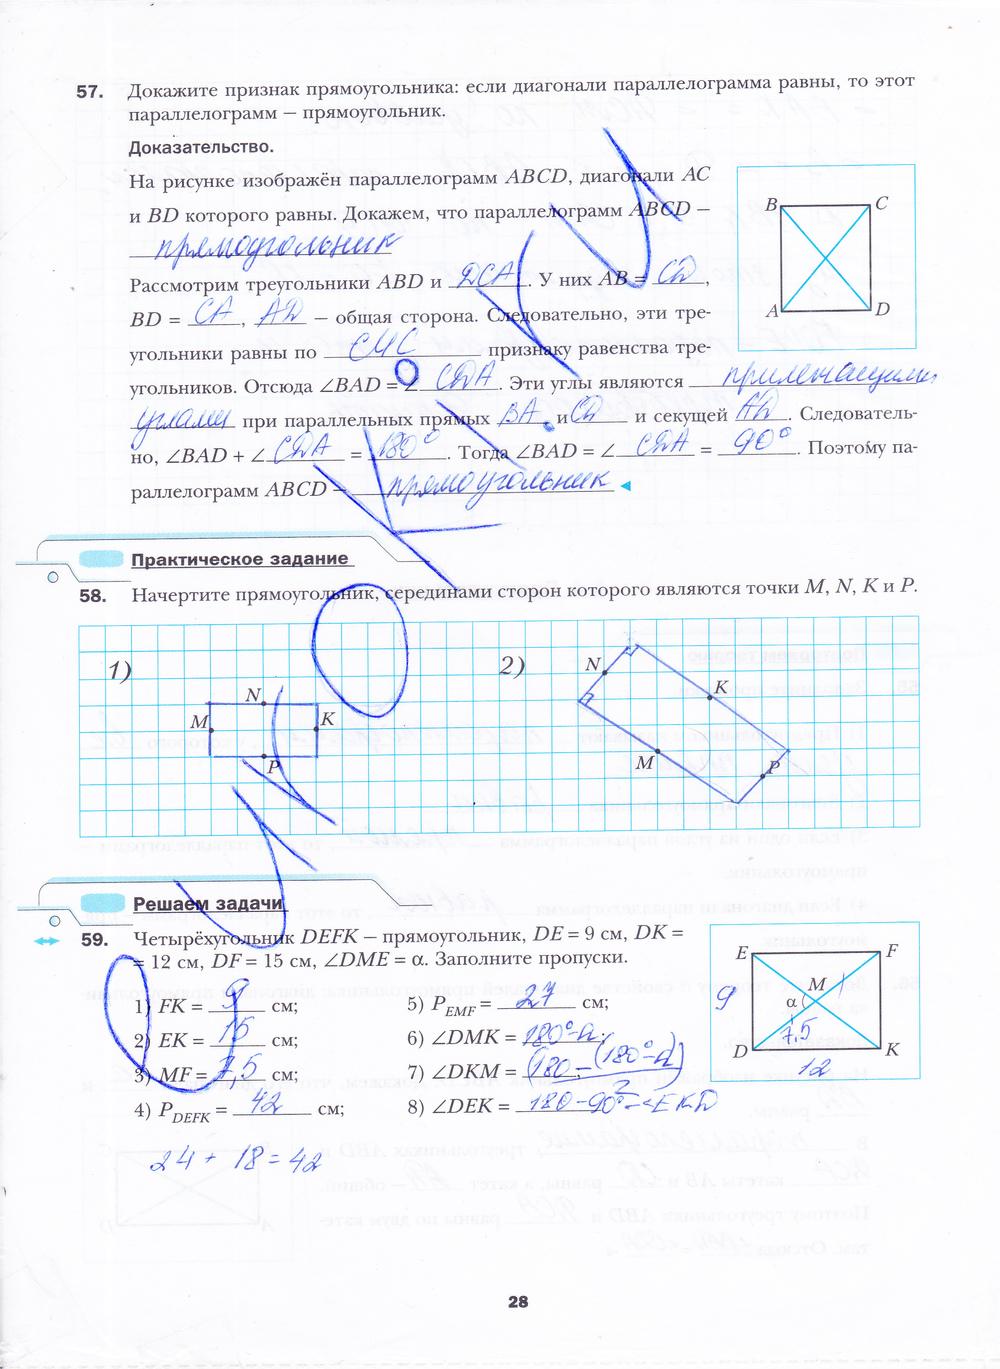 Геометрия решение задач мерзляк решения и ответы к задачам по геодезии